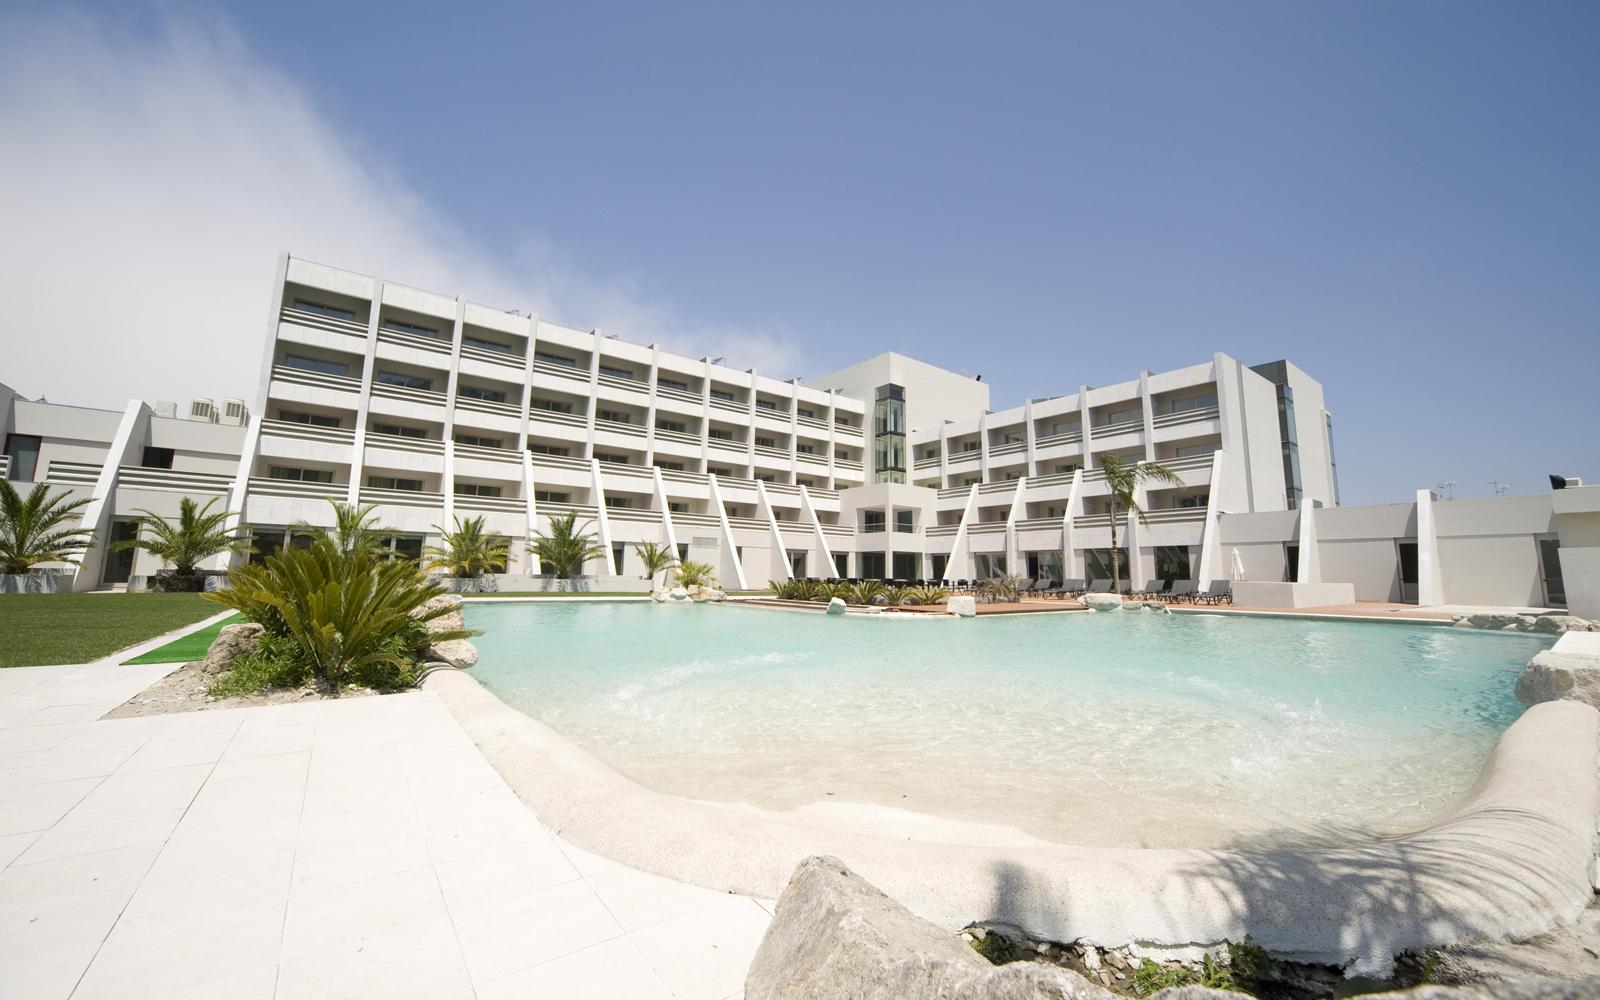 hotel-porta-do-sol 1329